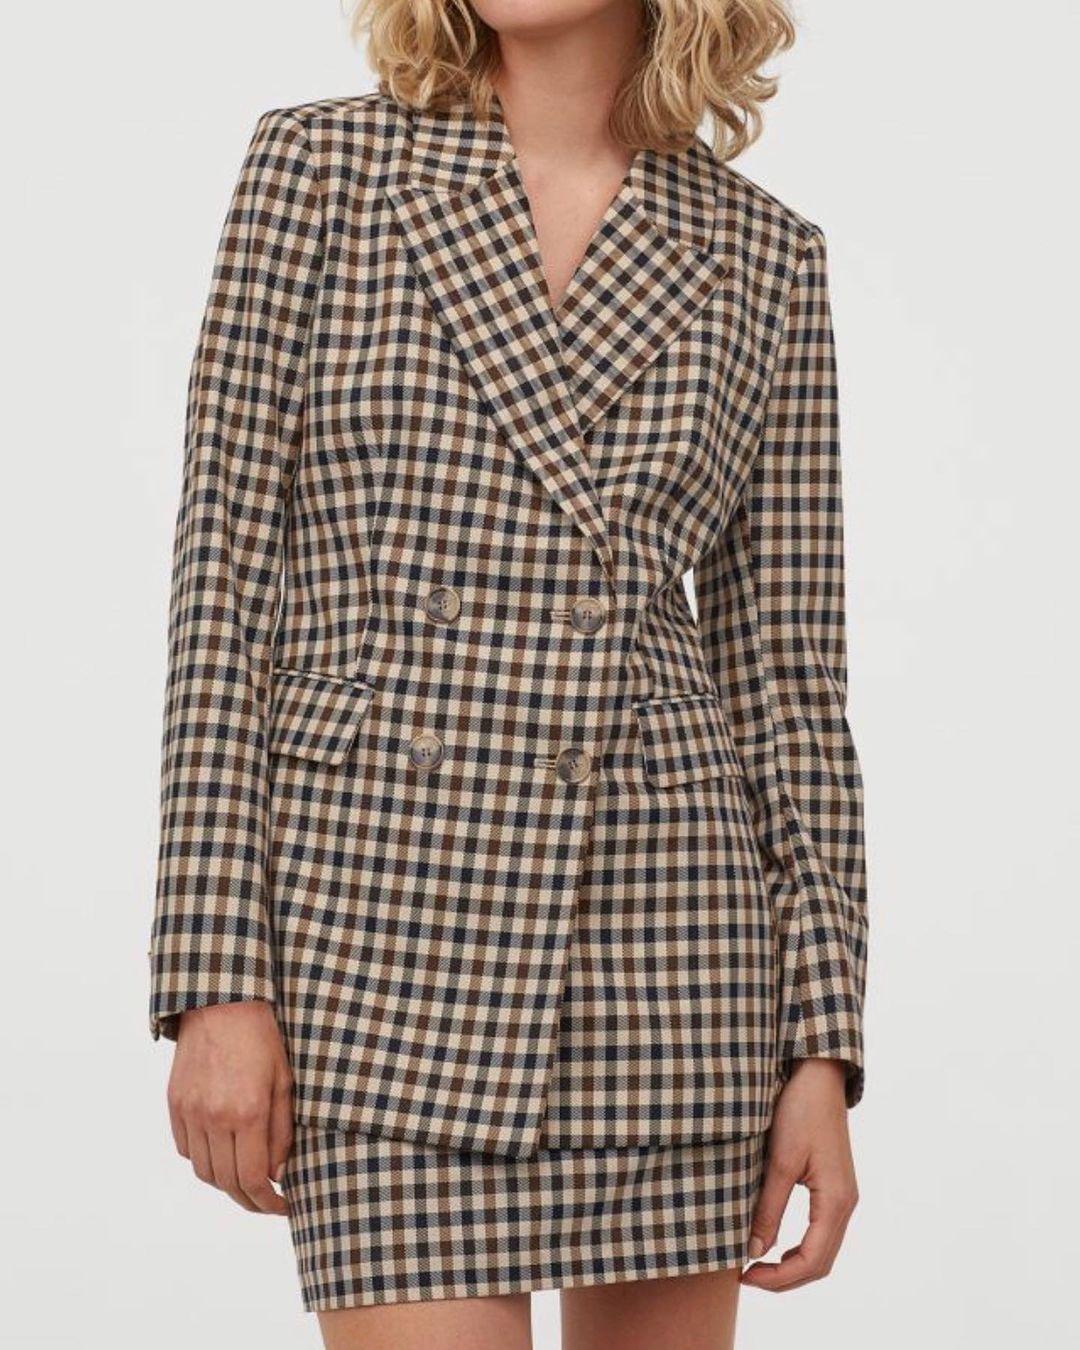 patterned jacket de H&M sur hm.addicted